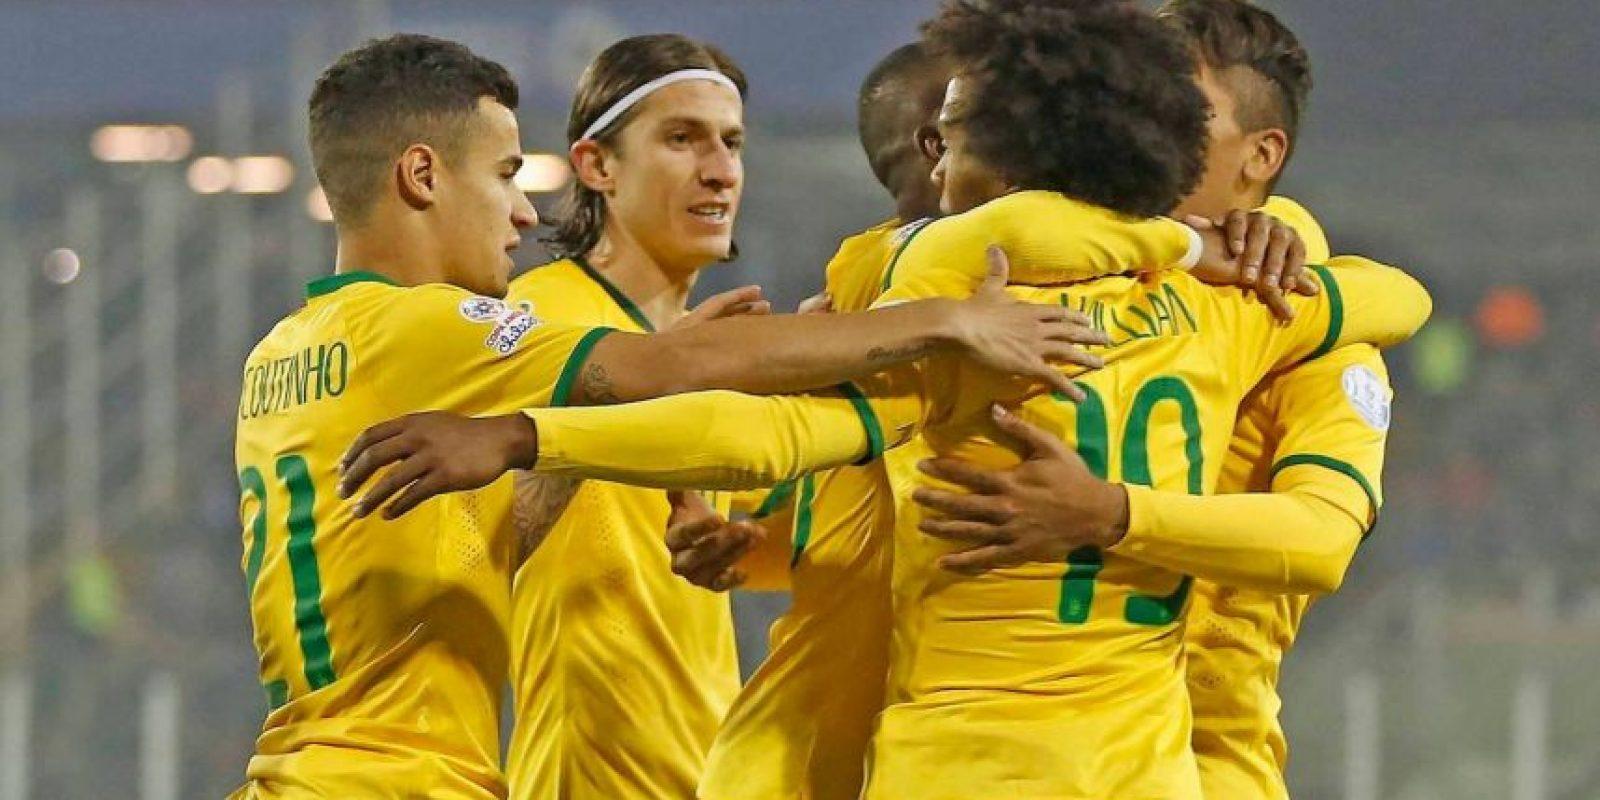 Brasil se clasificó primero en el grupo C. Foto:Vía www.facebook.com/CBF